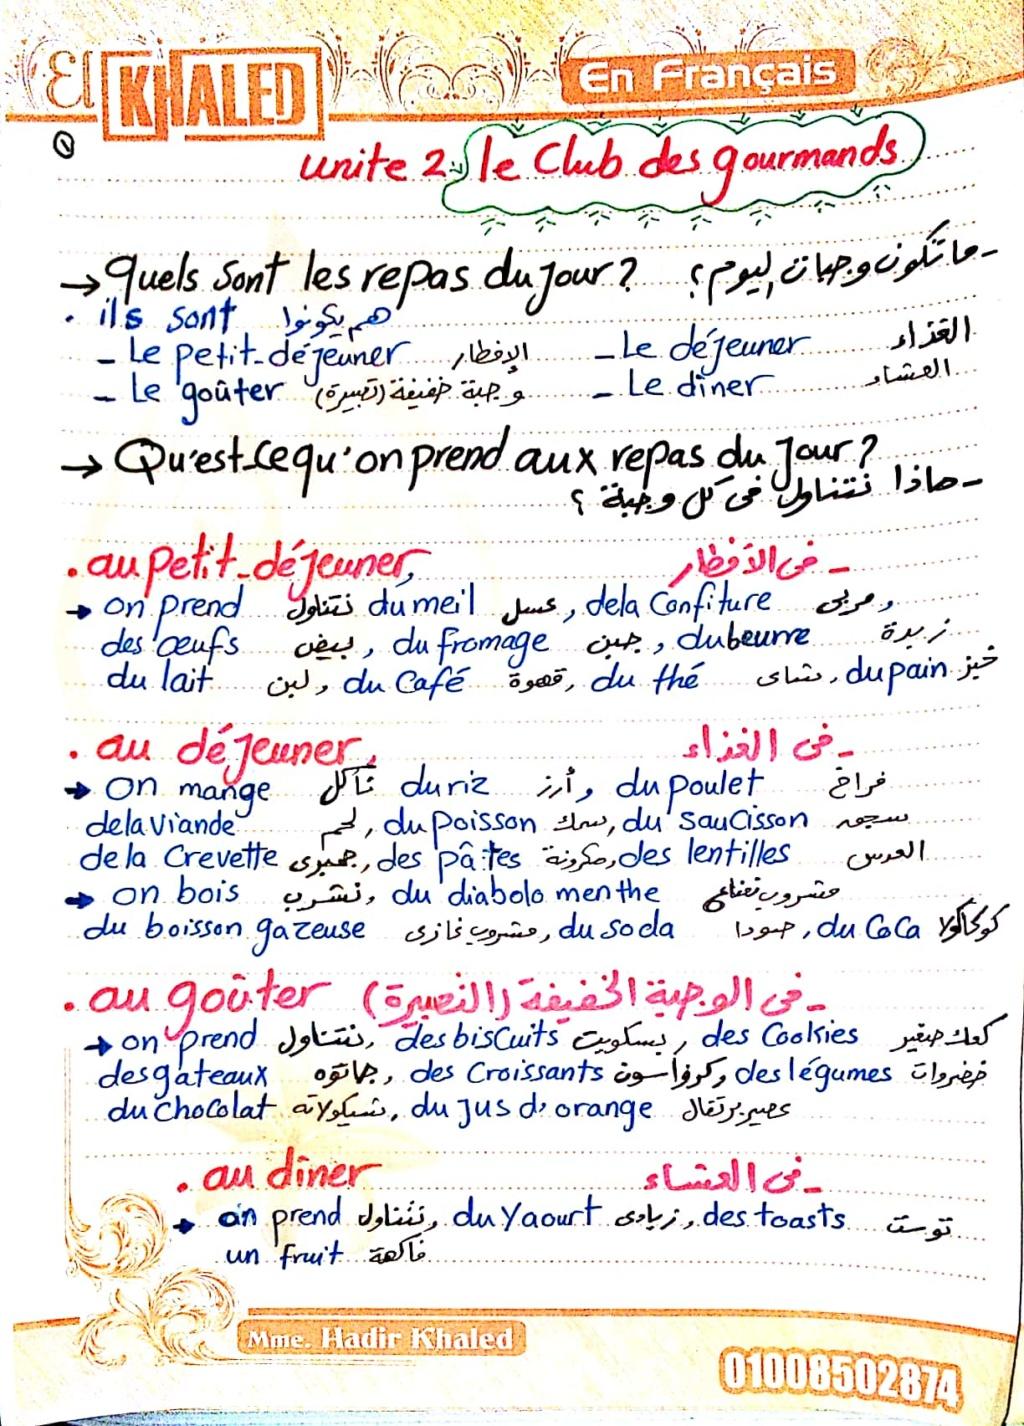 لغة فرنسية l مراجعة نهائية الصف الثالث الثانوي .. جرامر الوحدة 2 في ورقة واحدة 111137